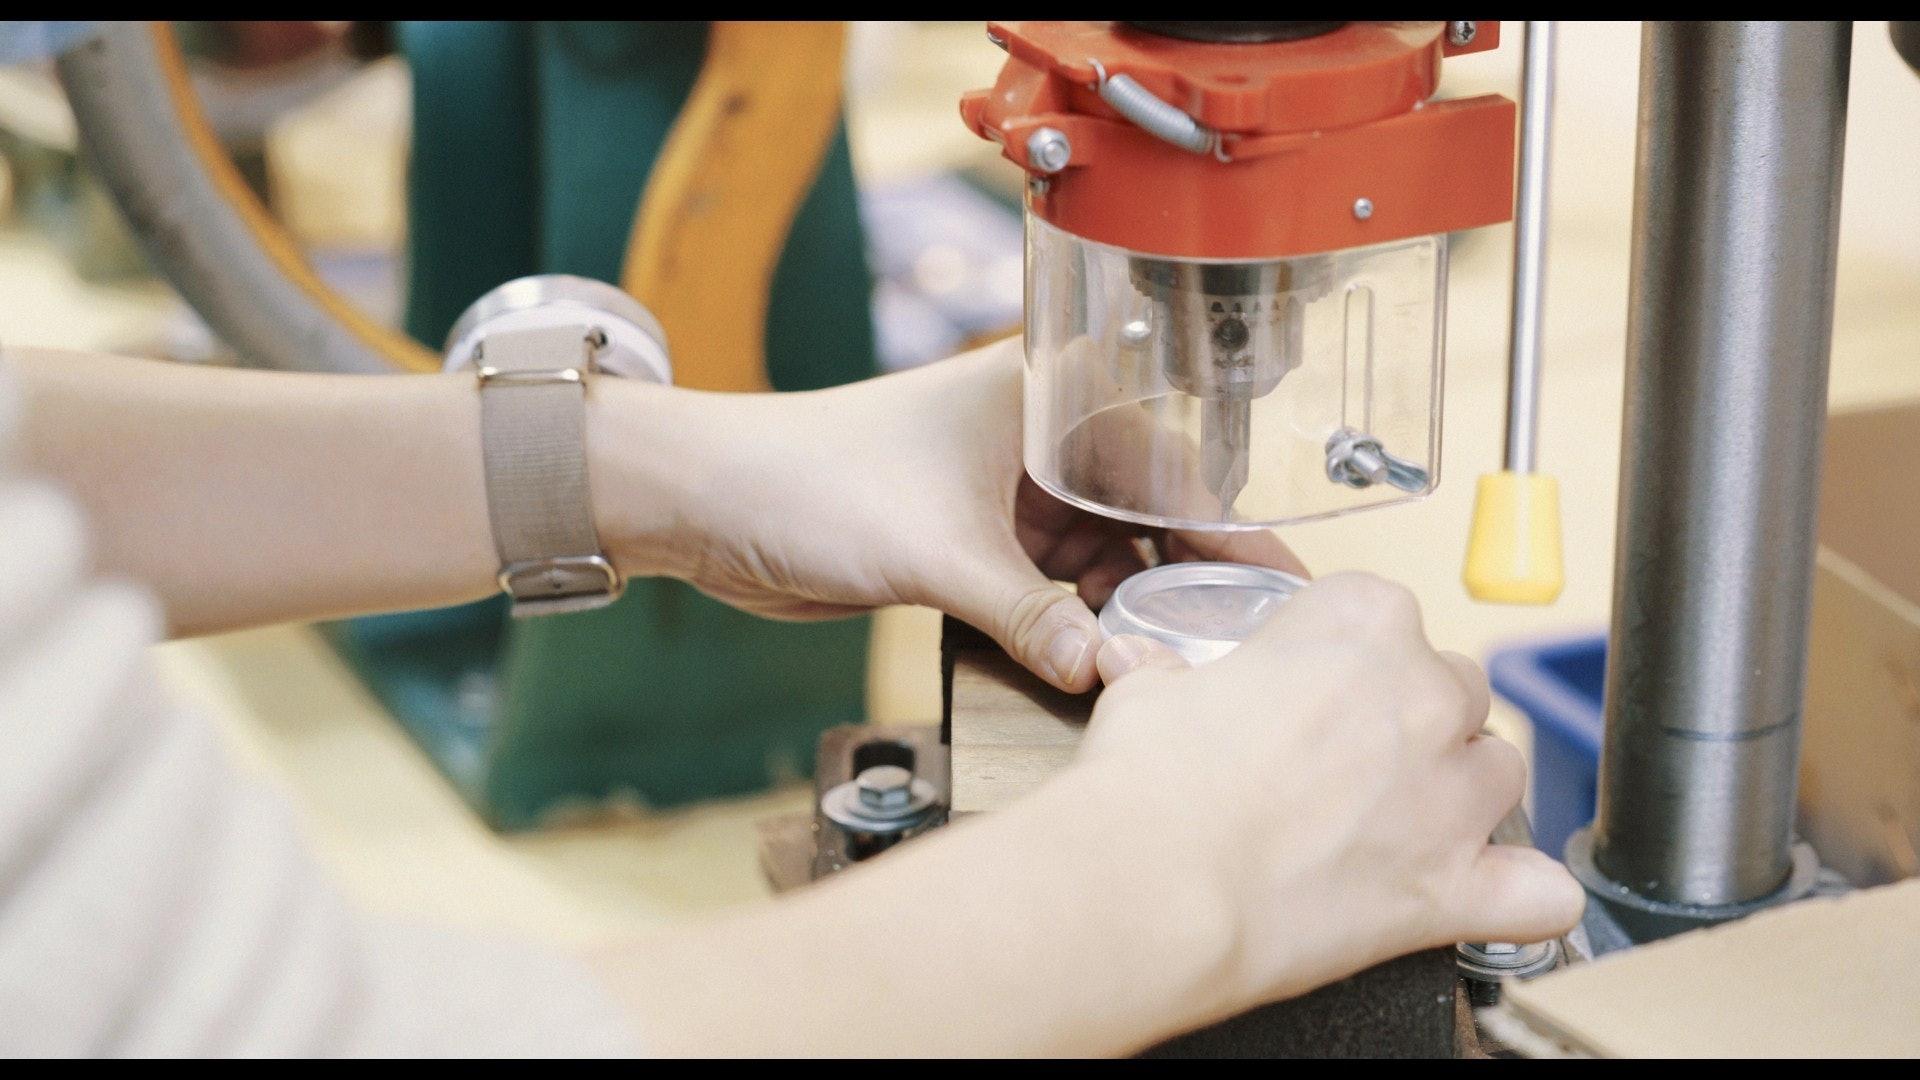 鑽洞後可裝入錶針,手錶漸漸成型。(夏晉賢攝)